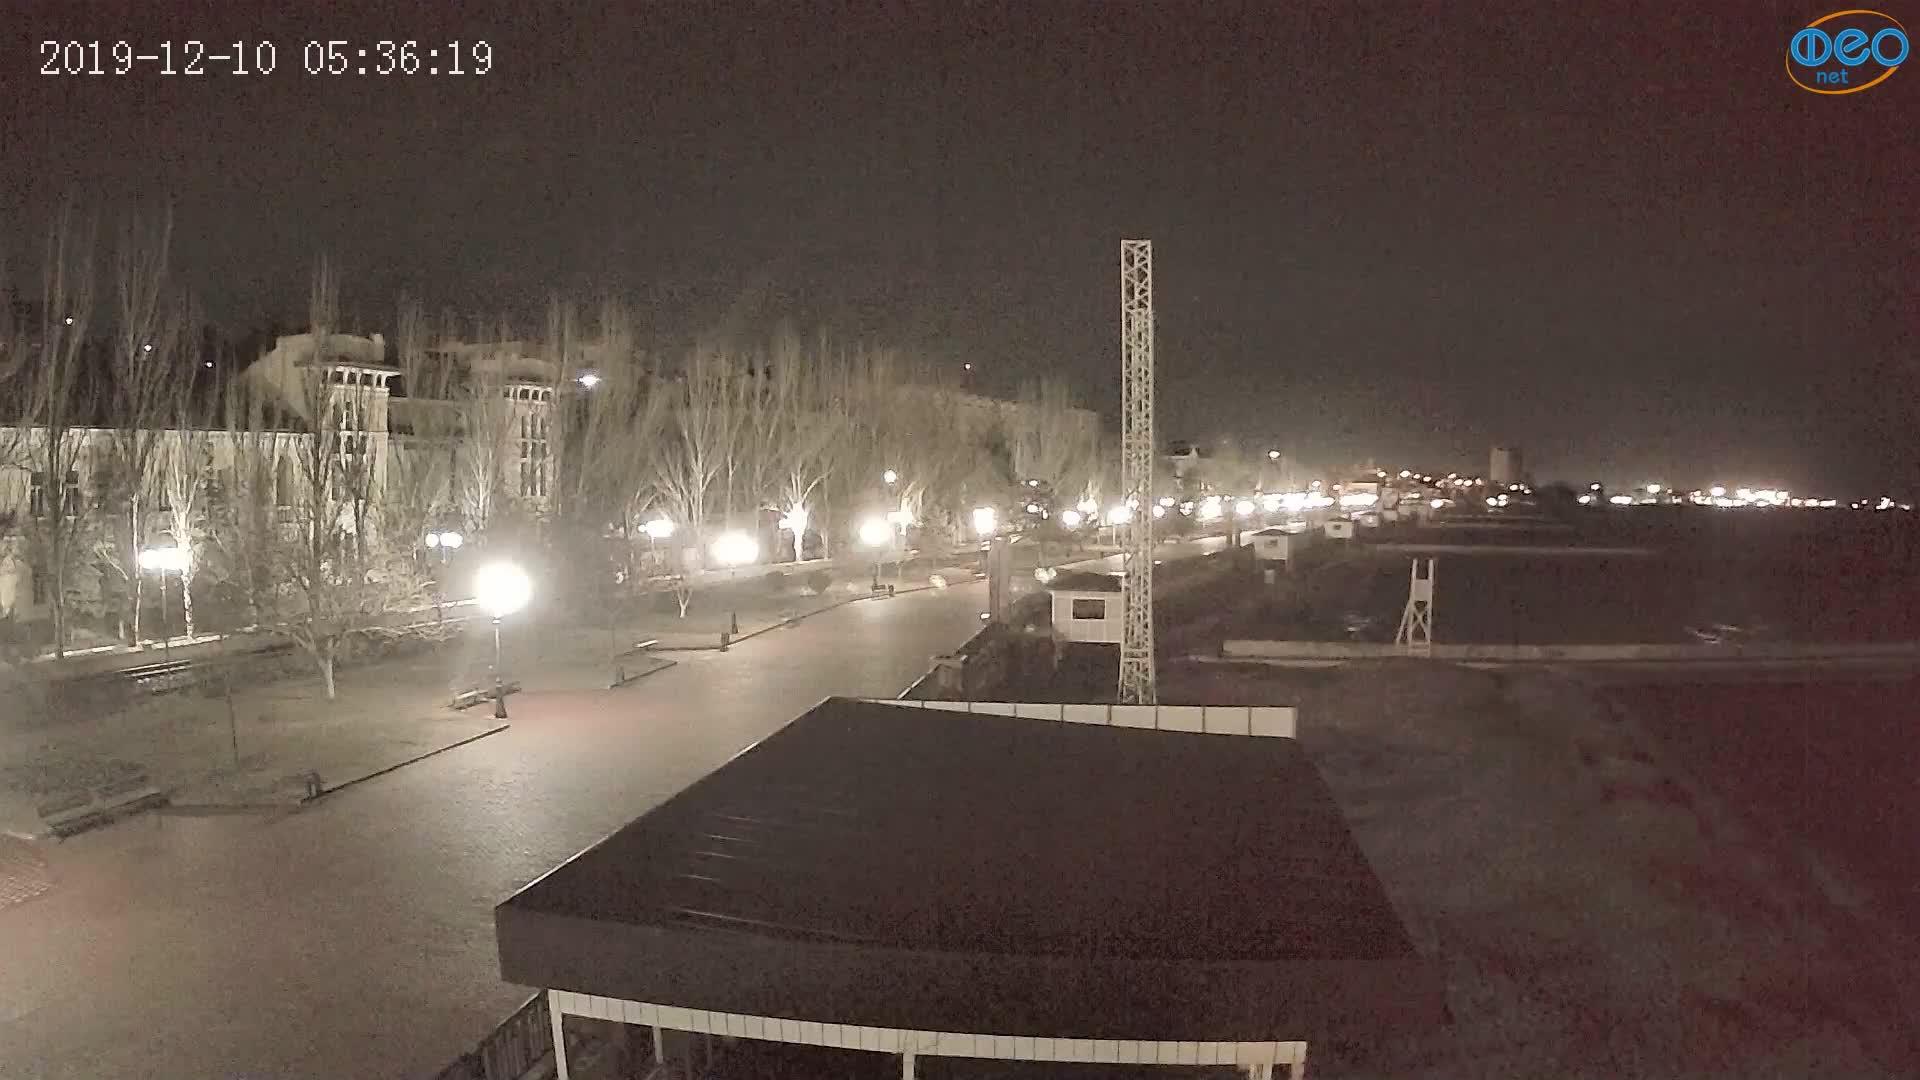 Веб-камеры Феодосии, Пляж Камешки, 2019-12-10 05:36:43